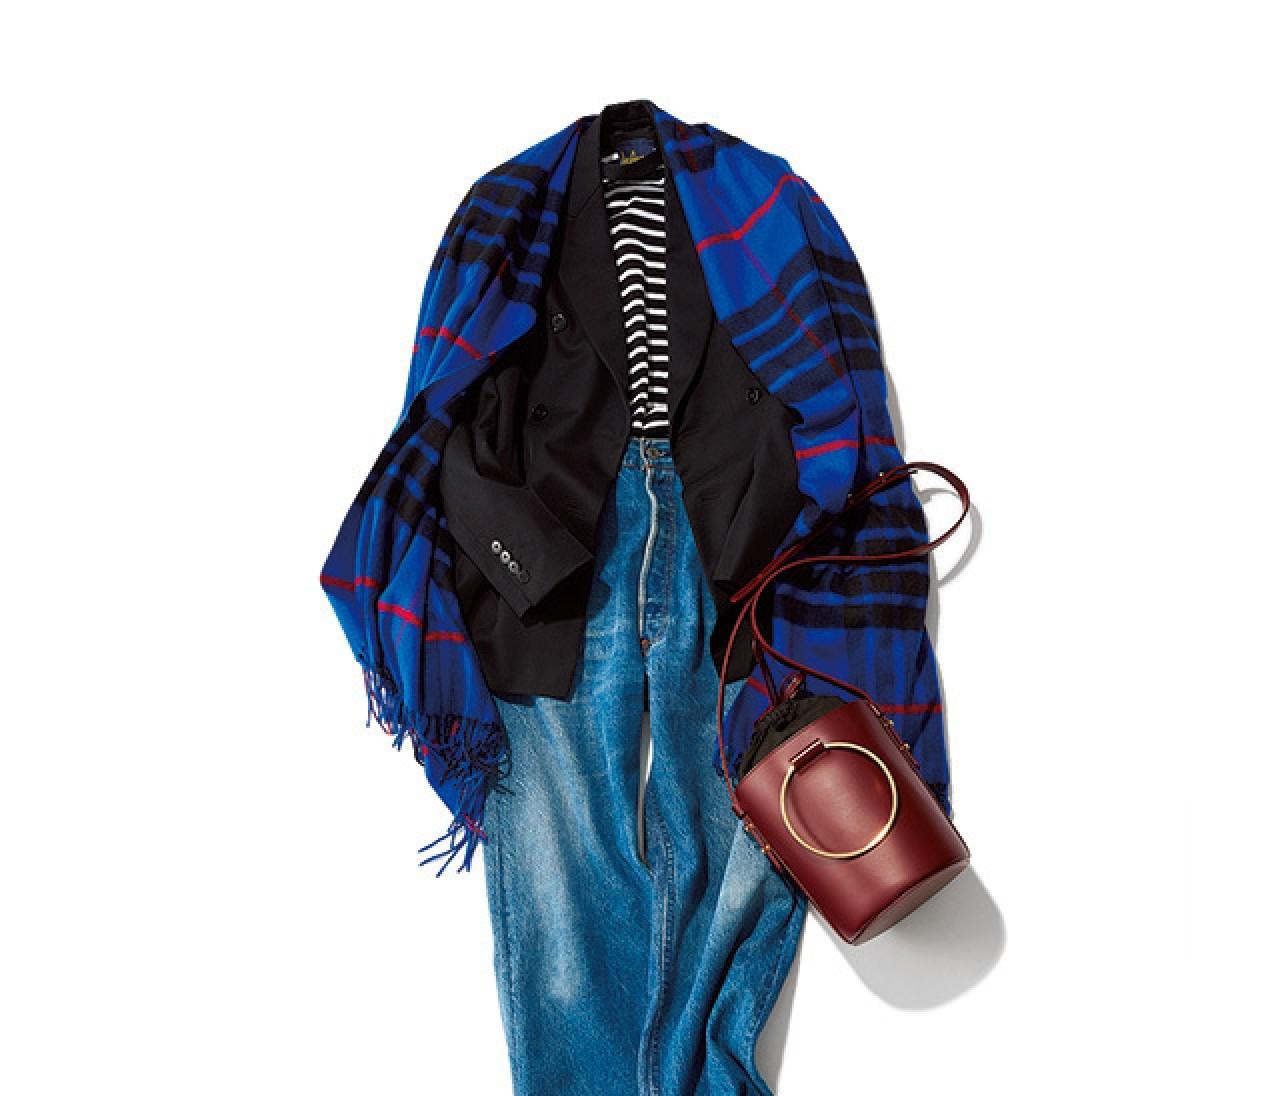 冬デニムは、柄ミックス&ジャケットで大人なこなれスタイルに♡